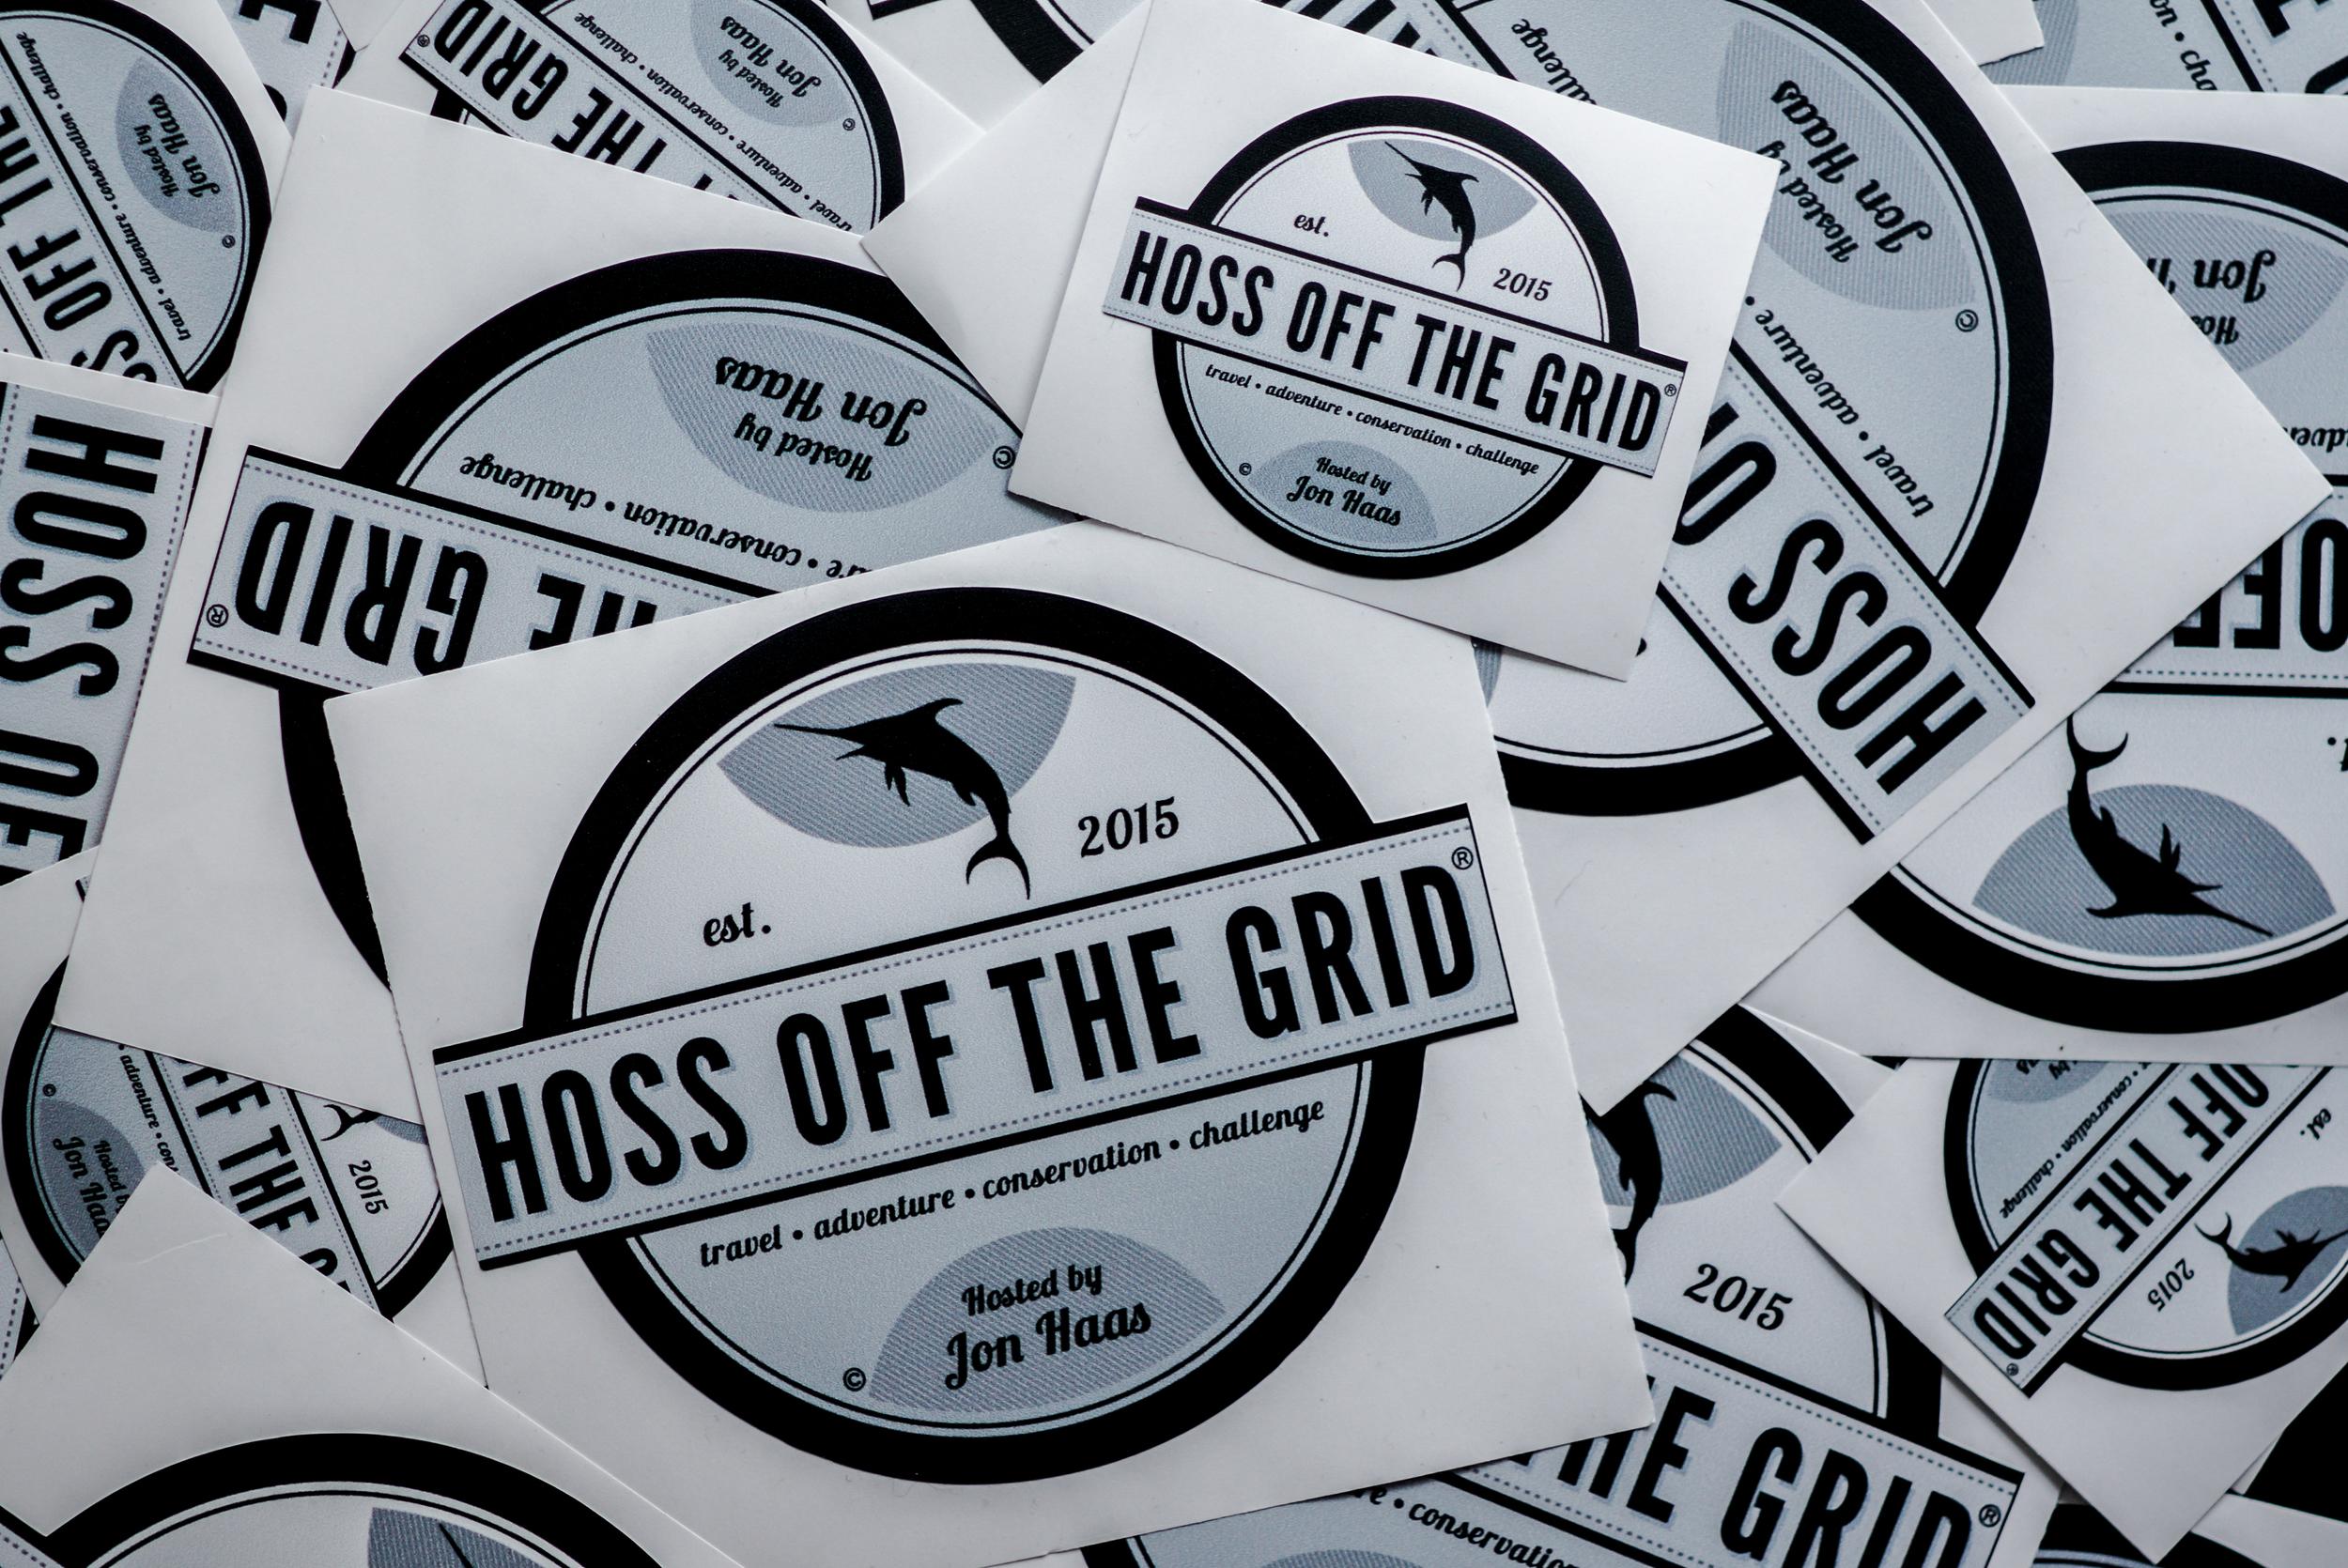 HOSS-Product-FEB2016-027.jpg